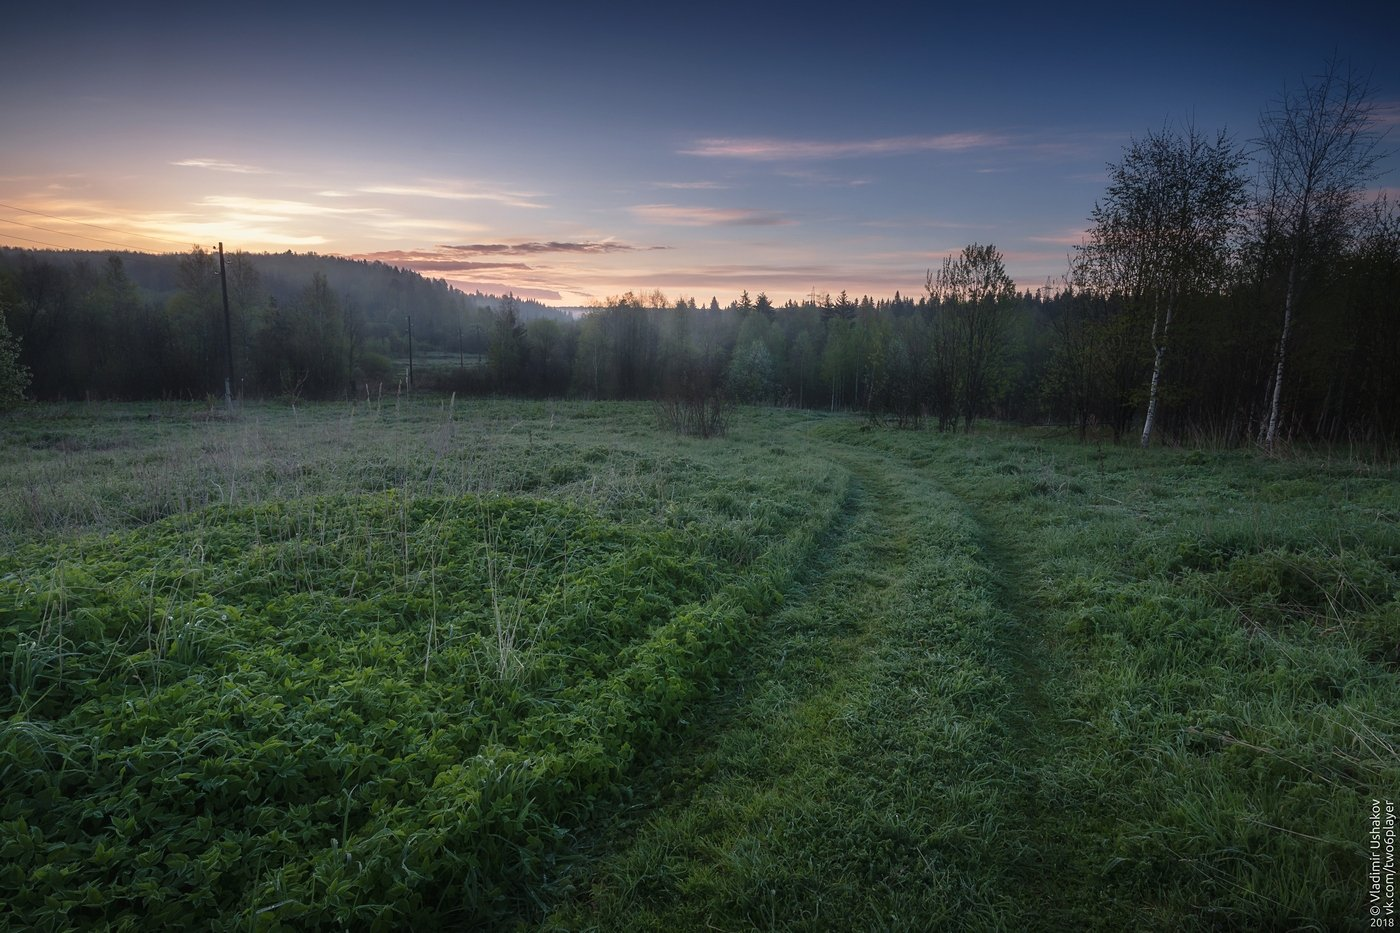 утро, рассвет, поле, дорога, деревня, Сибирь, Пермский край, Владимир Ушаков